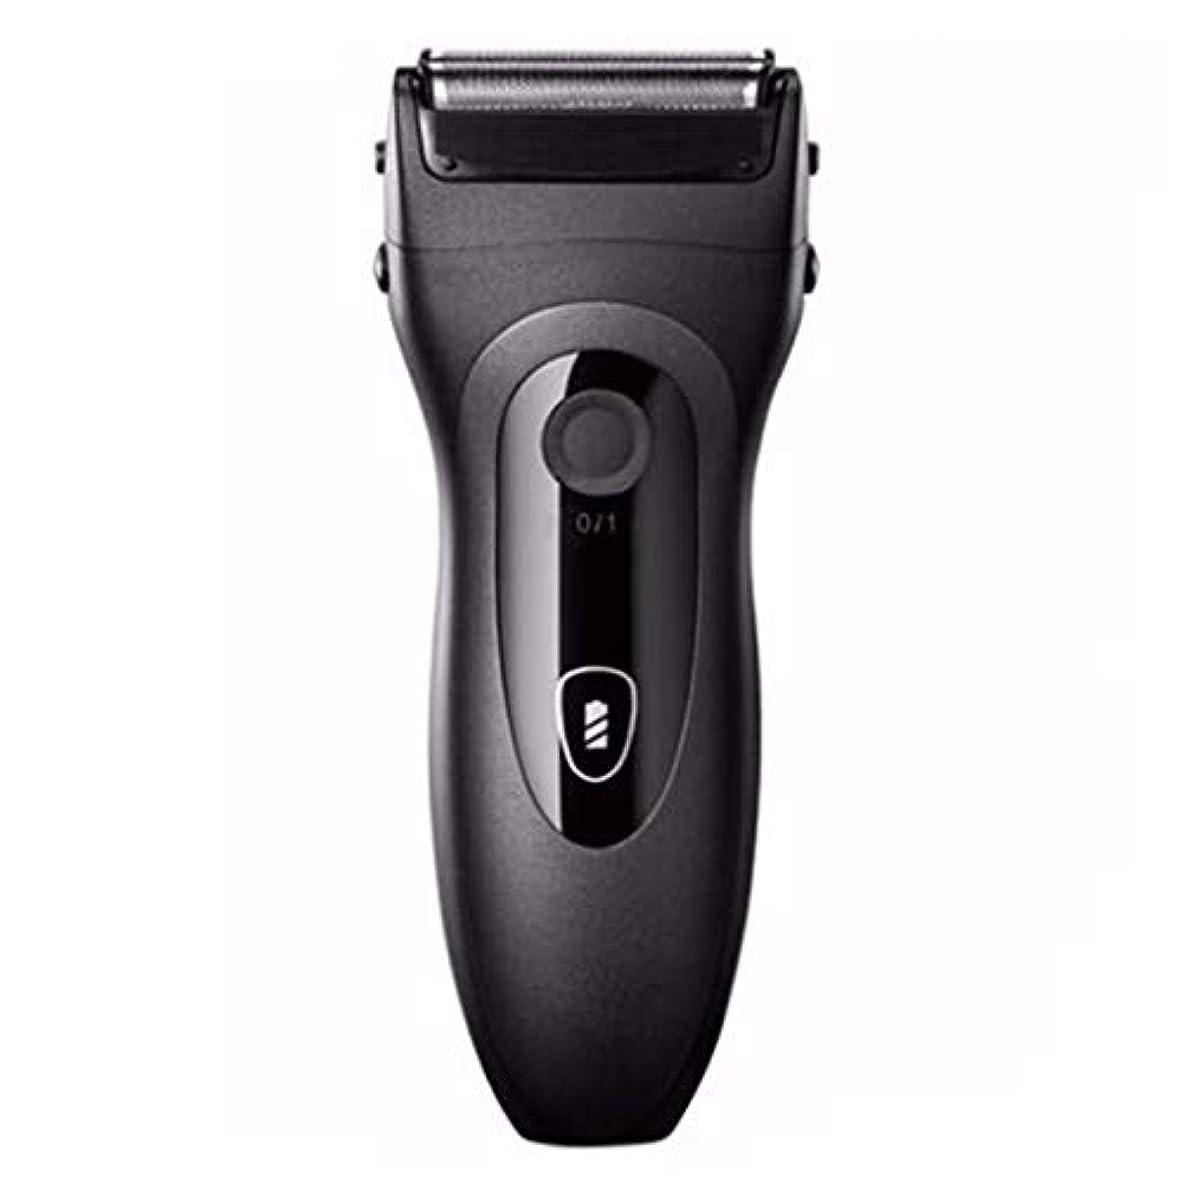 キャンベラ不和船乗りひげそり 電動 メンズシェーバー,往復式 髭剃り 電気シェーバー USB充電式 IPX7防水 電気シェーバー ディスプレイ お風呂剃りドライ両用 人気プレゼント